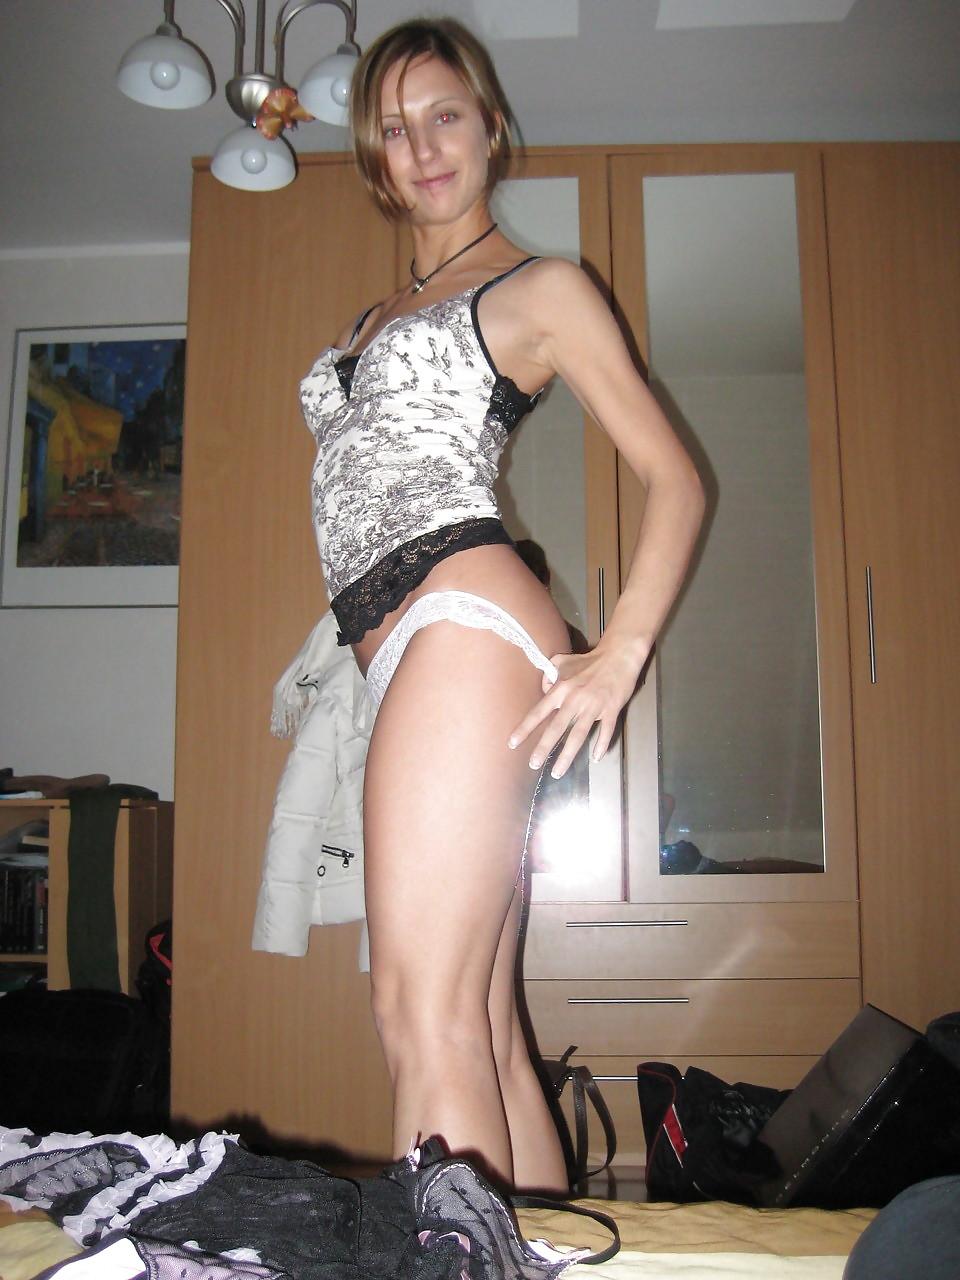 Баба в бикини сексуально снимается в койке